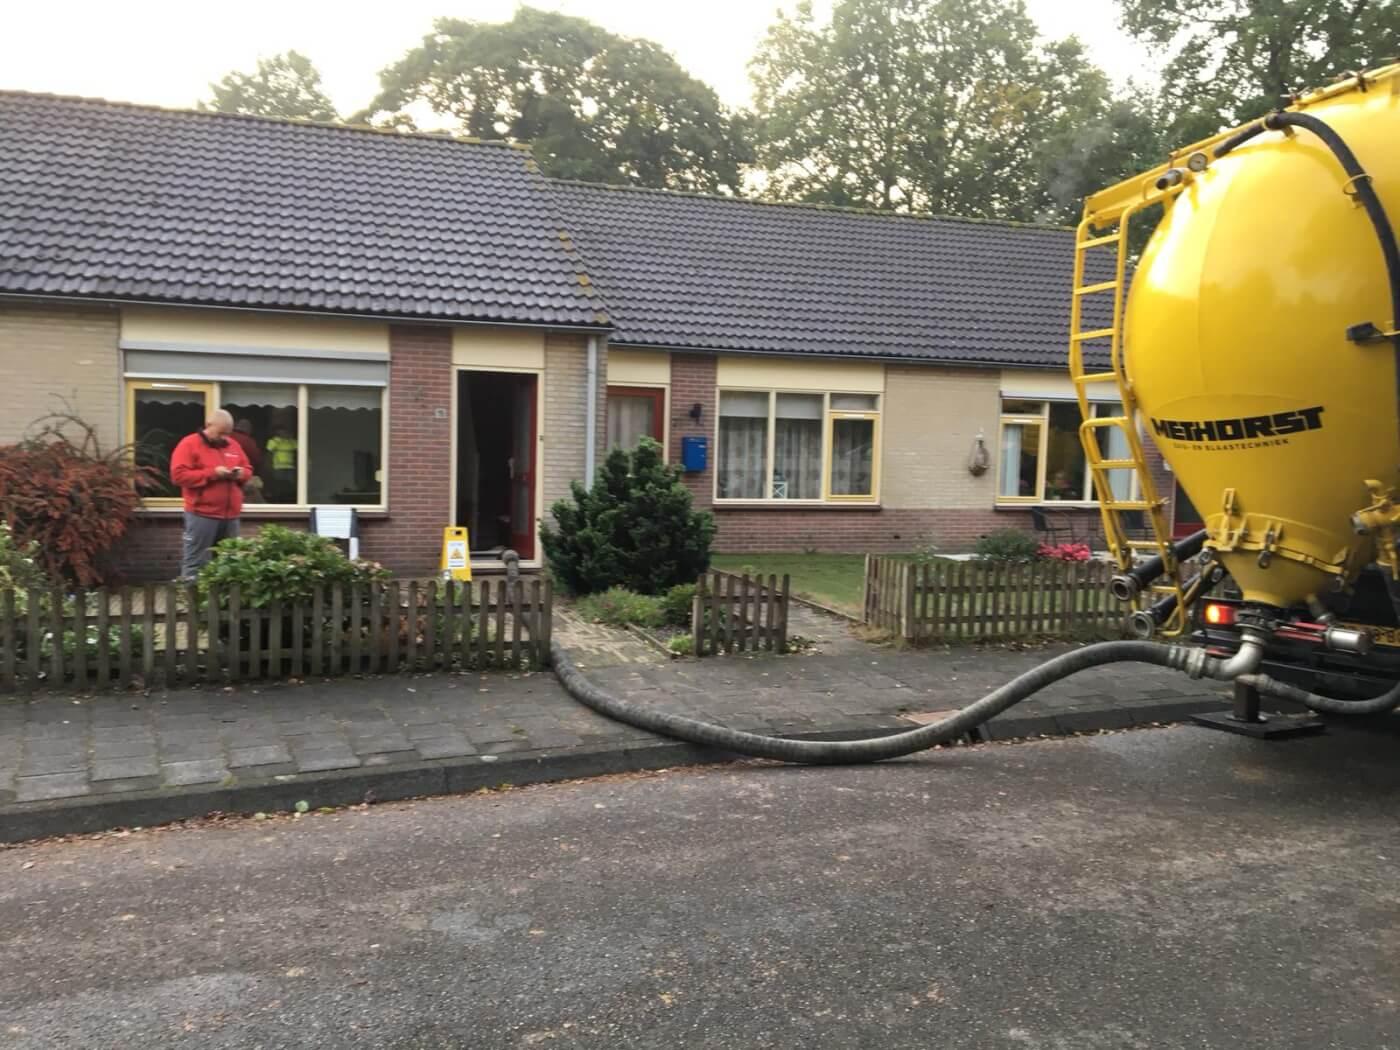 Zandspuiten Methorst Zuig- en Blaastechniek - kelder dichten